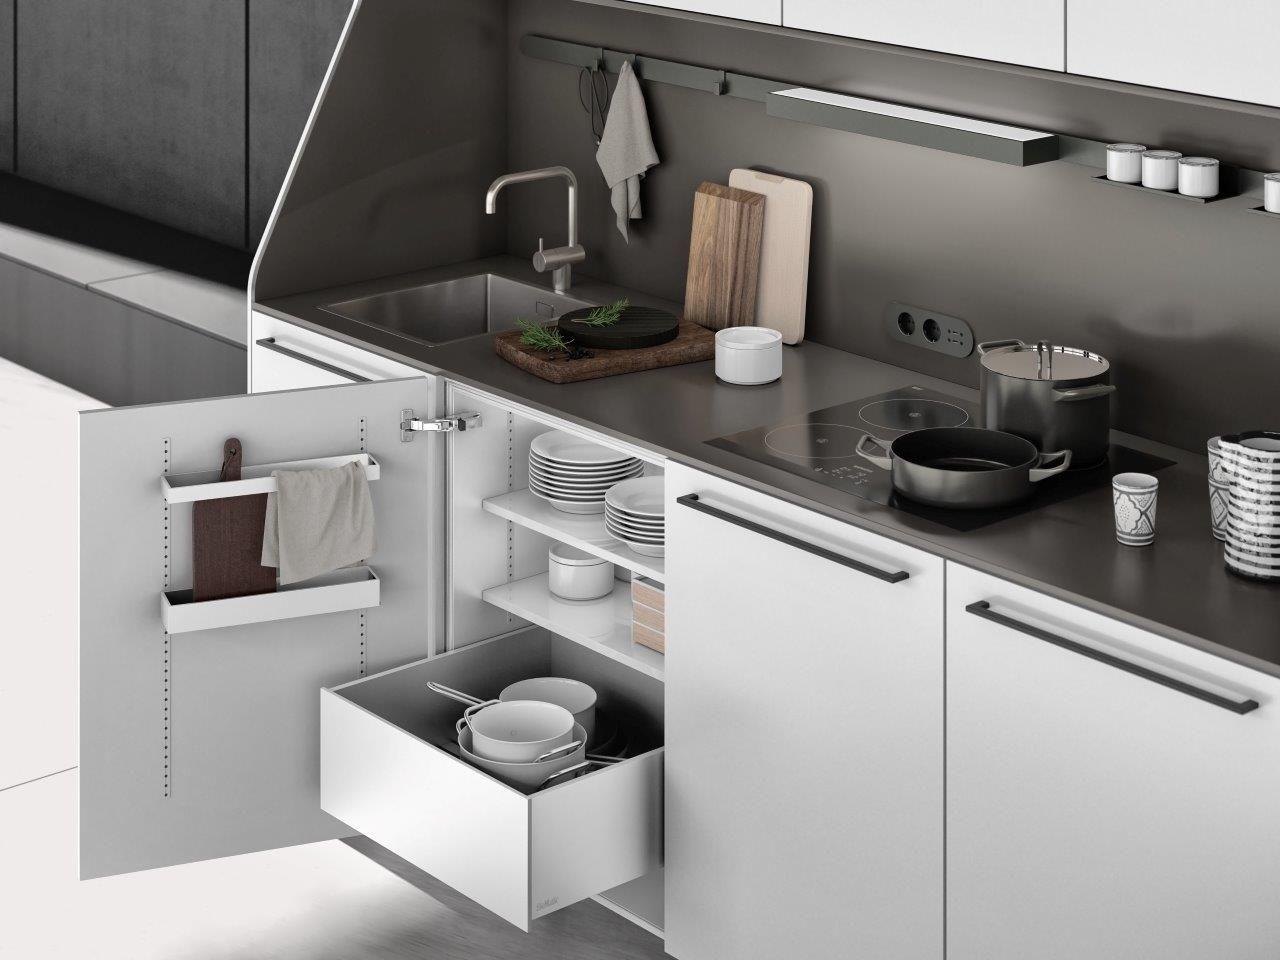 Multimatic Aluminium From Siematic Keuken Ontwerpen Ikea Keukenkasten Keuken Kookeiland